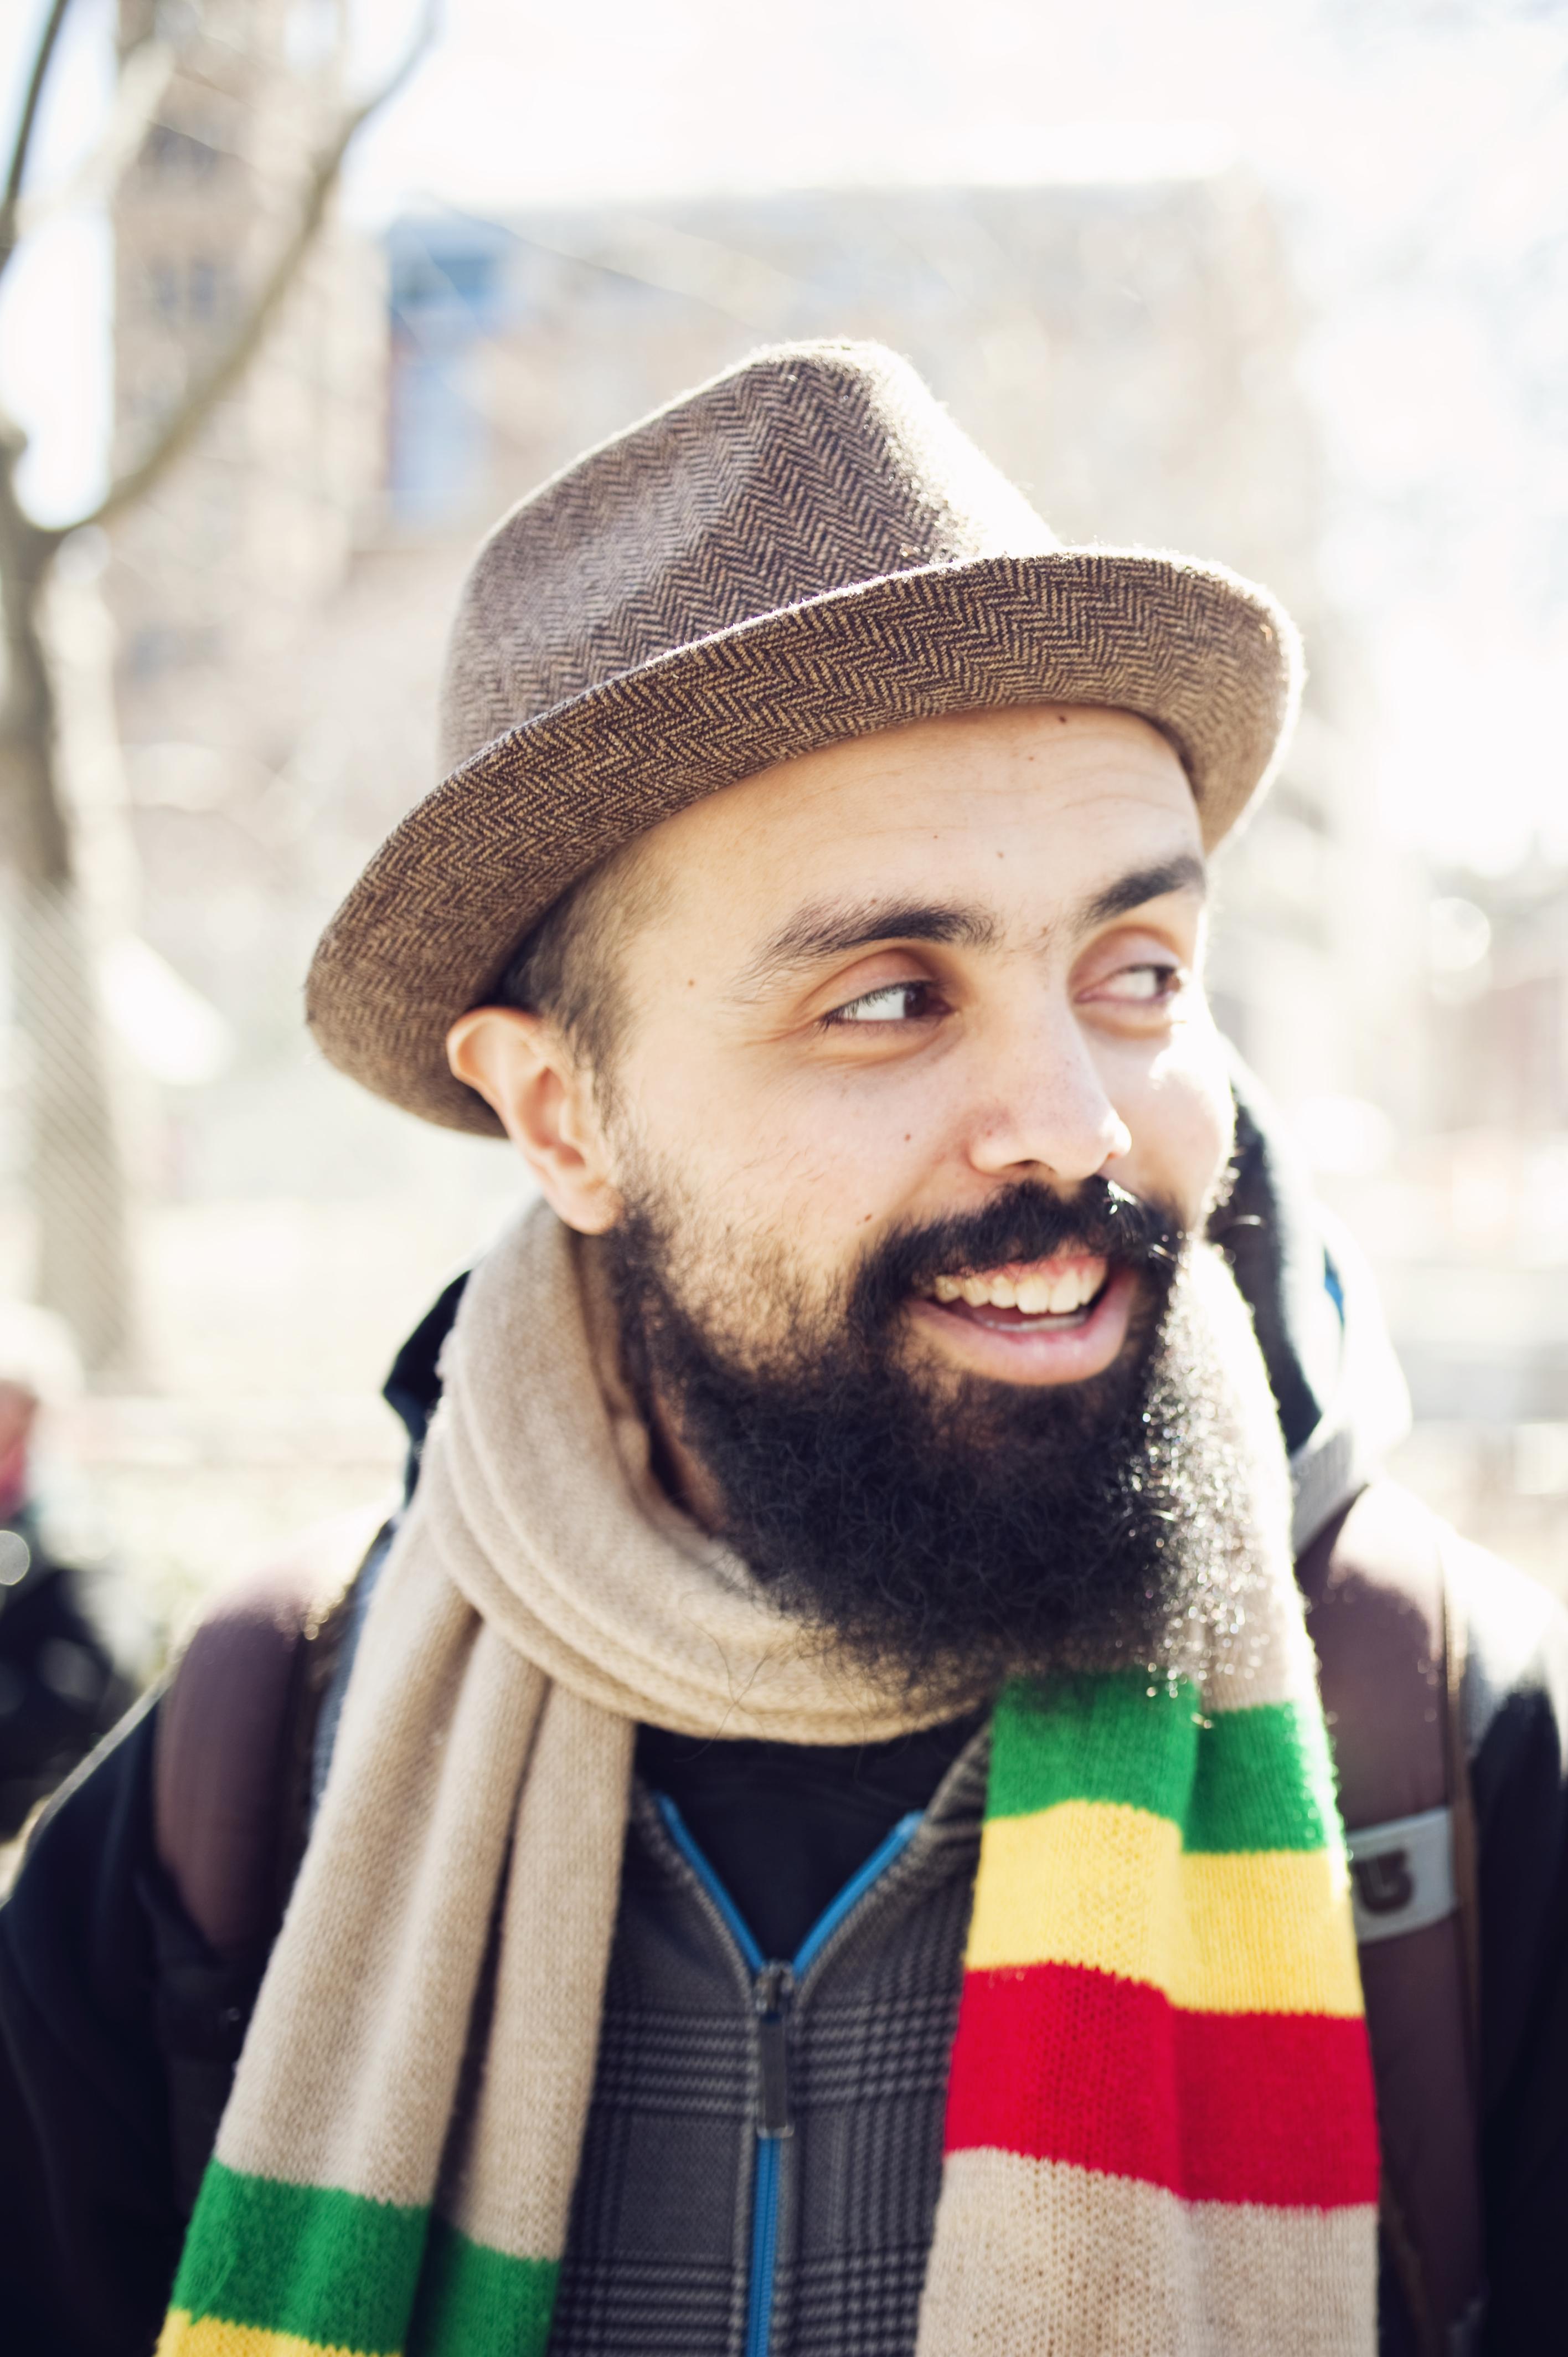 Gabriel Teodros wwwseattleglobalistcomwpcontentuploads20120